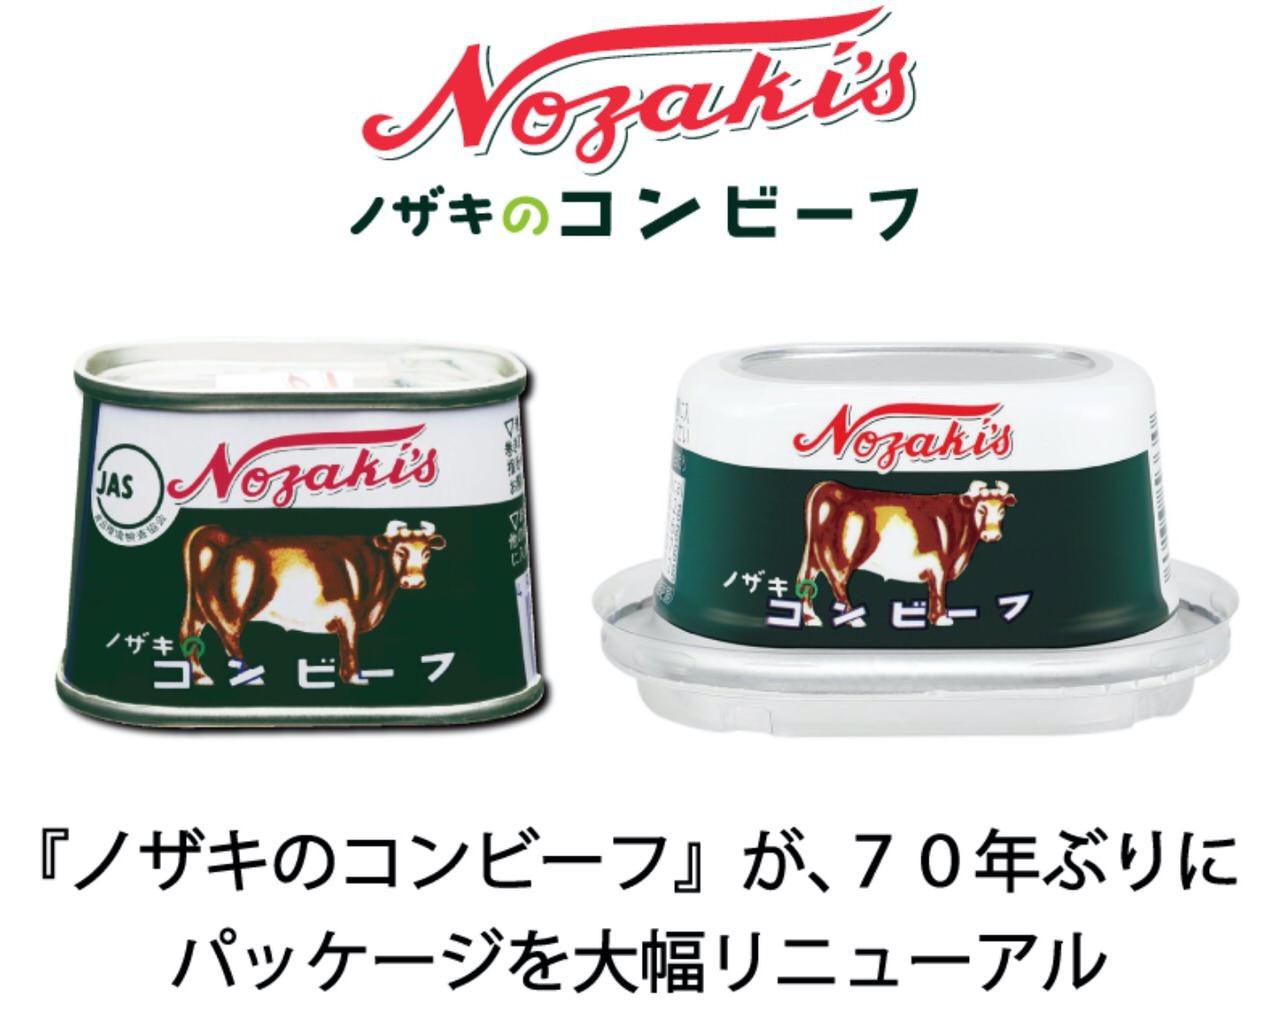 「ノザキのコンビーフ」70年ぶりパッケージリニューアルで台形の枕缶を販売終了しアルミック缶へ